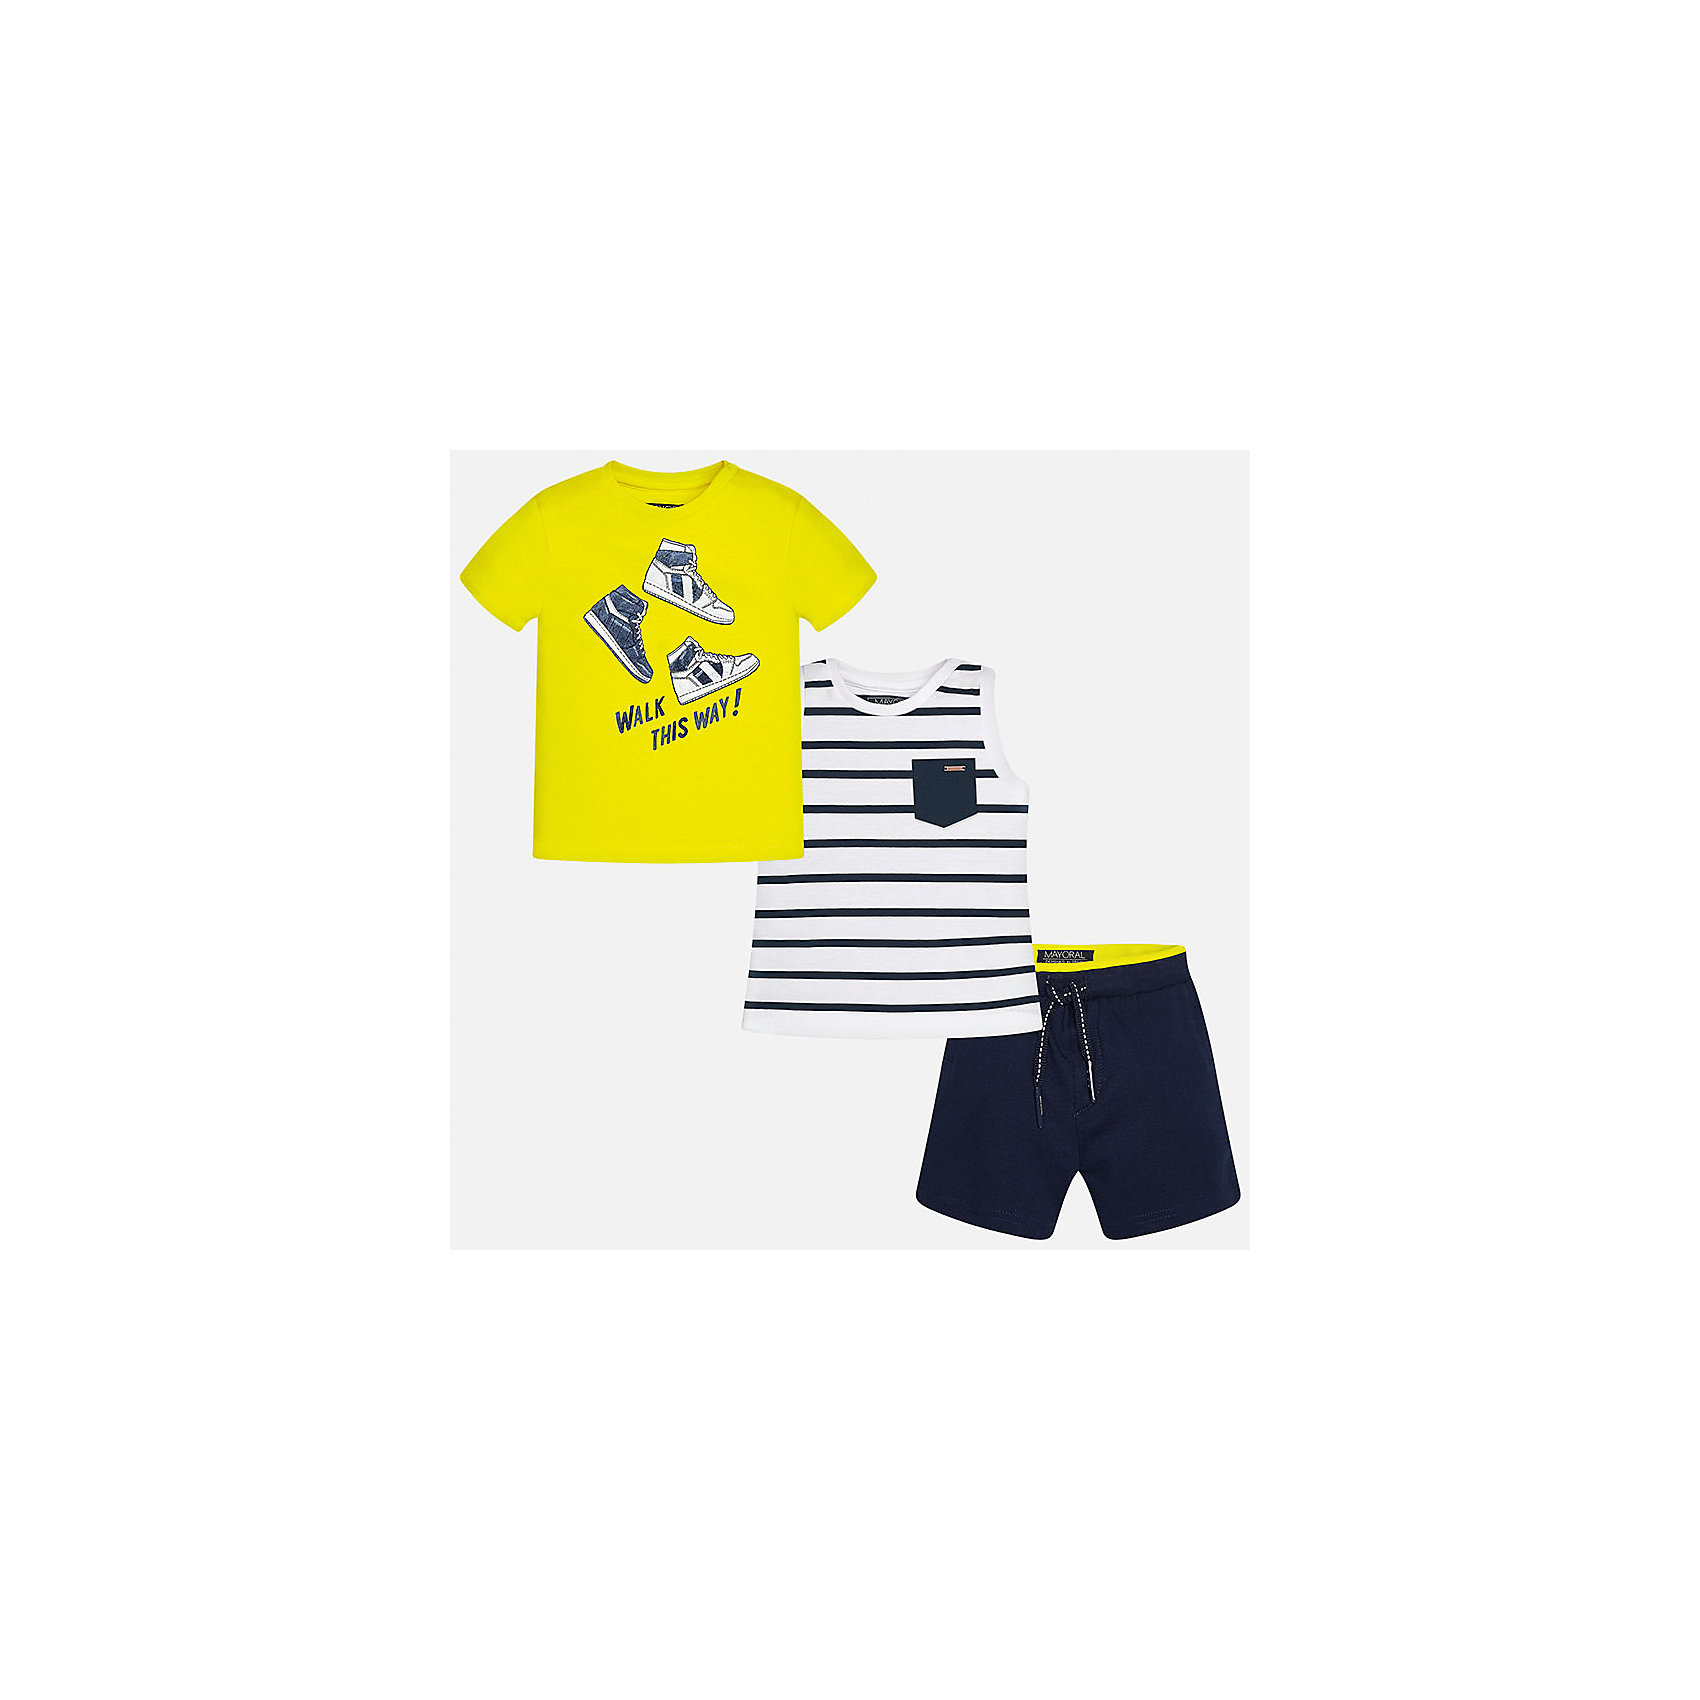 Комплект: футболка, майка и шорты для мальчика MayoralКомплекты<br>Характеристики товара:<br><br>• цвет: жёлтый/белый/синий<br>• состав: 100% хлопок<br>• комплектация: футболка, майка, шорты<br>• футболка декорирована принтом<br>• короткие рукава<br>• шорты однотонные<br>• в поясе шнурок<br>• страна бренда: Испания<br><br>Красивый качественный комплект для мальчика поможет разнообразить гардероб ребенка и удобно одеться в теплую погоду. Он отлично сочетается с другими предметами. Универсальный цвет позволяет подобрать к вещам верхнюю одежду практически любой расцветки. Интересная отделка модели делает её нарядной и оригинальной. В составе материала - только натуральный хлопок, гипоаллергенный, приятный на ощупь, дышащий.<br><br>Одежда, обувь и аксессуары от испанского бренда Mayoral полюбились детям и взрослым по всему миру. Модели этой марки - стильные и удобные. Для их производства используются только безопасные, качественные материалы и фурнитура. Порадуйте ребенка модными и красивыми вещами от Mayoral! <br><br>Комплект для мальчика от испанского бренда Mayoral (Майорал) можно купить в нашем интернет-магазине.<br><br>Ширина мм: 157<br>Глубина мм: 13<br>Высота мм: 119<br>Вес г: 200<br>Цвет: синий<br>Возраст от месяцев: 18<br>Возраст до месяцев: 24<br>Пол: Мужской<br>Возраст: Детский<br>Размер: 92,80,86<br>SKU: 5279677